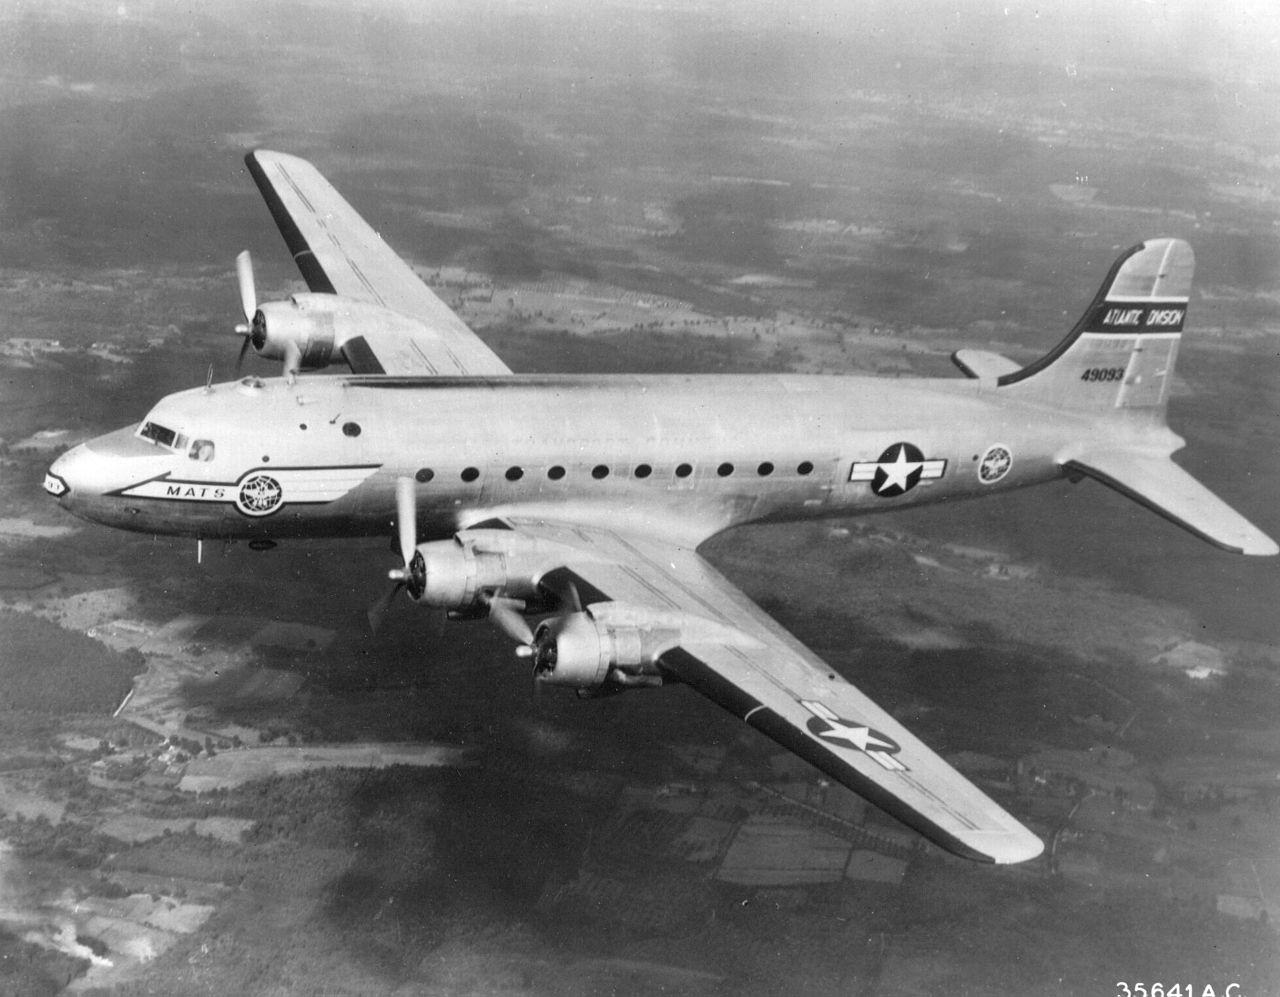 1280px-An_USAF_C-54_Skymaster.jpg